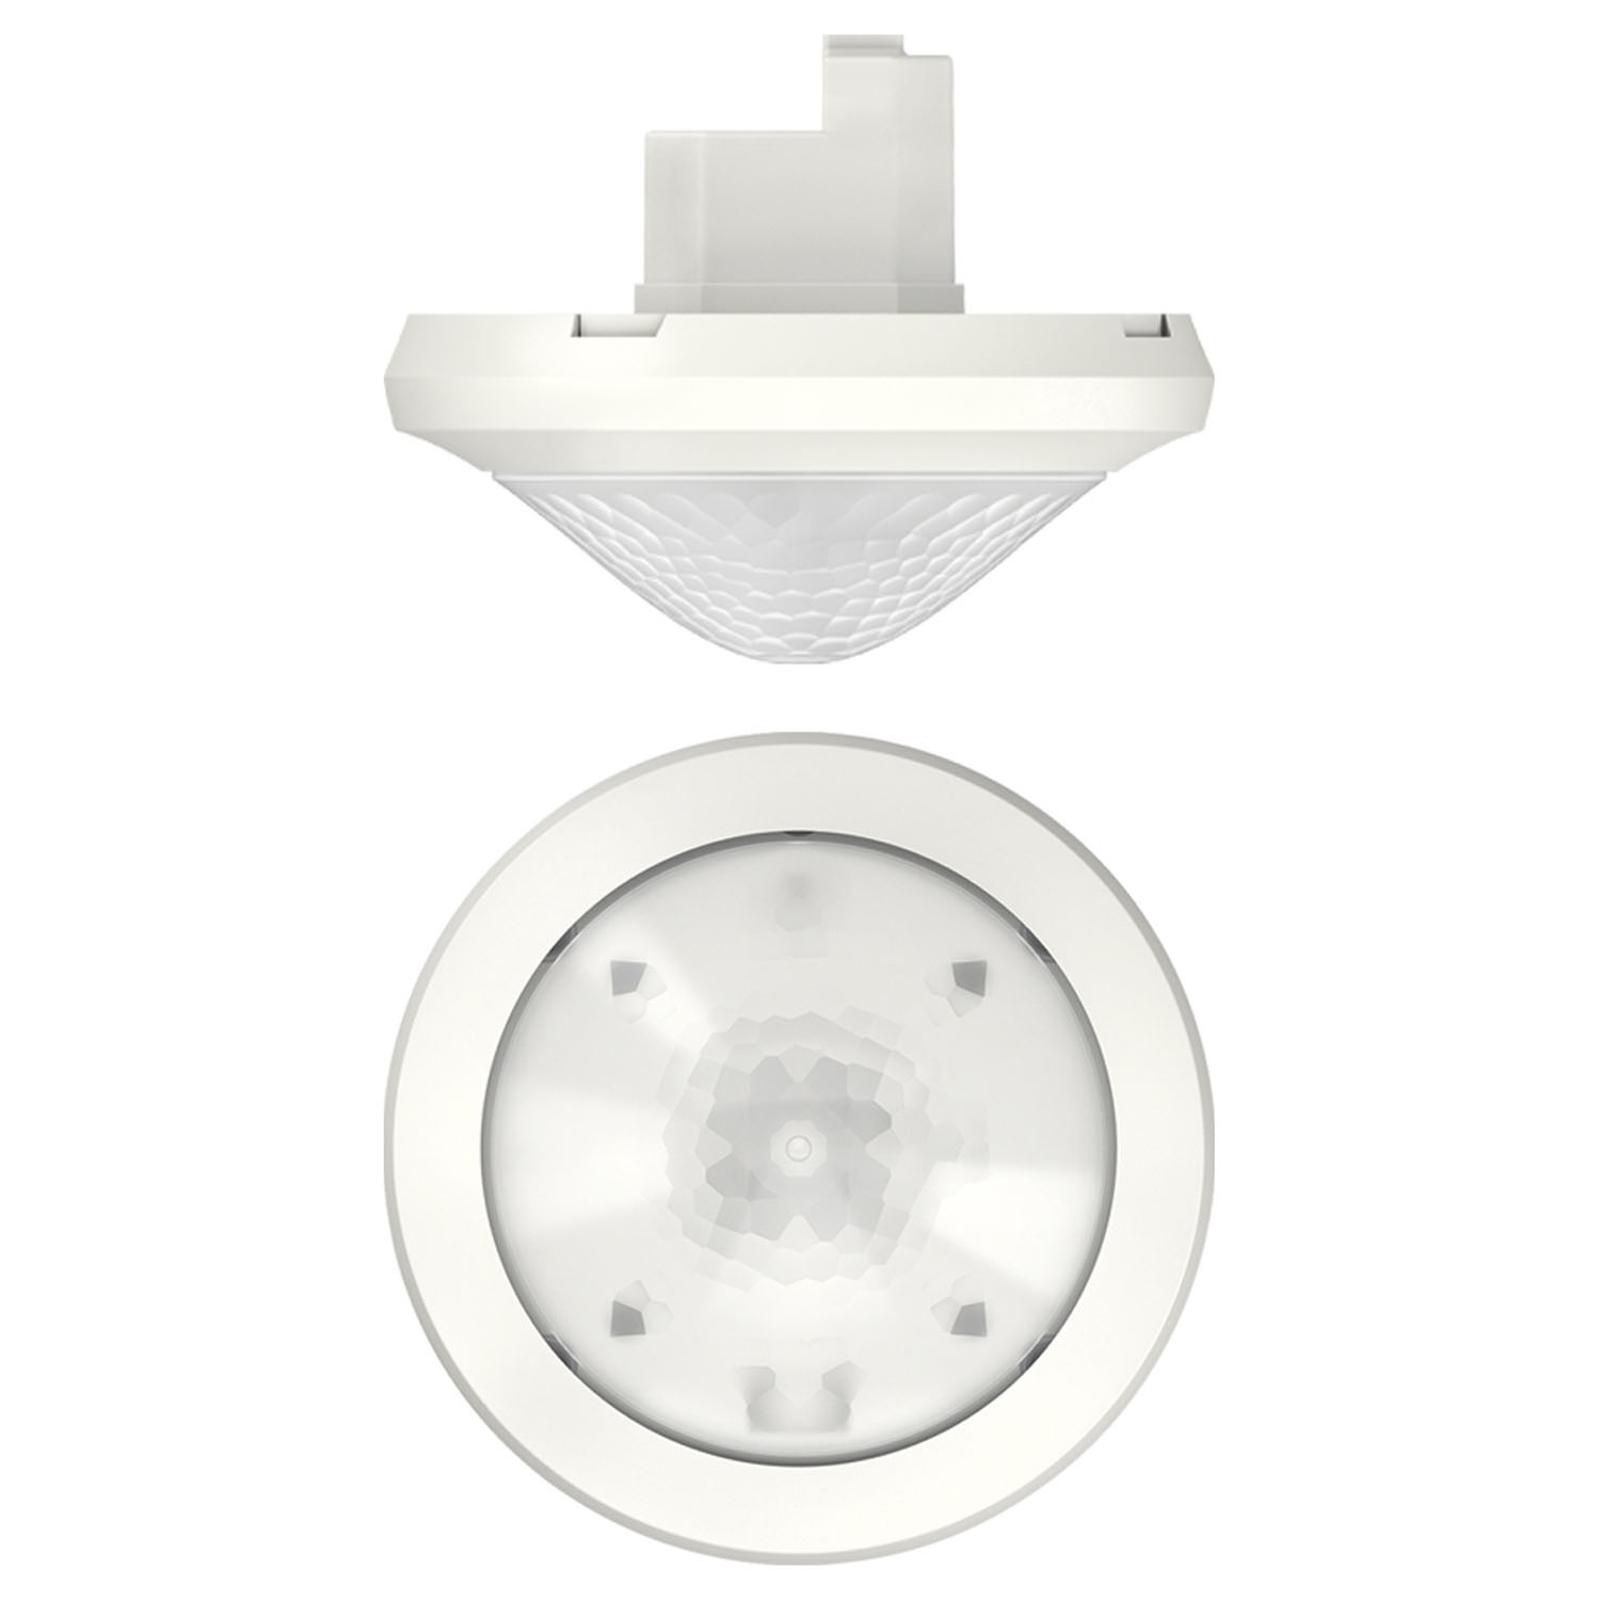 Theben theRonda S360-100 UP capteur présence blanc